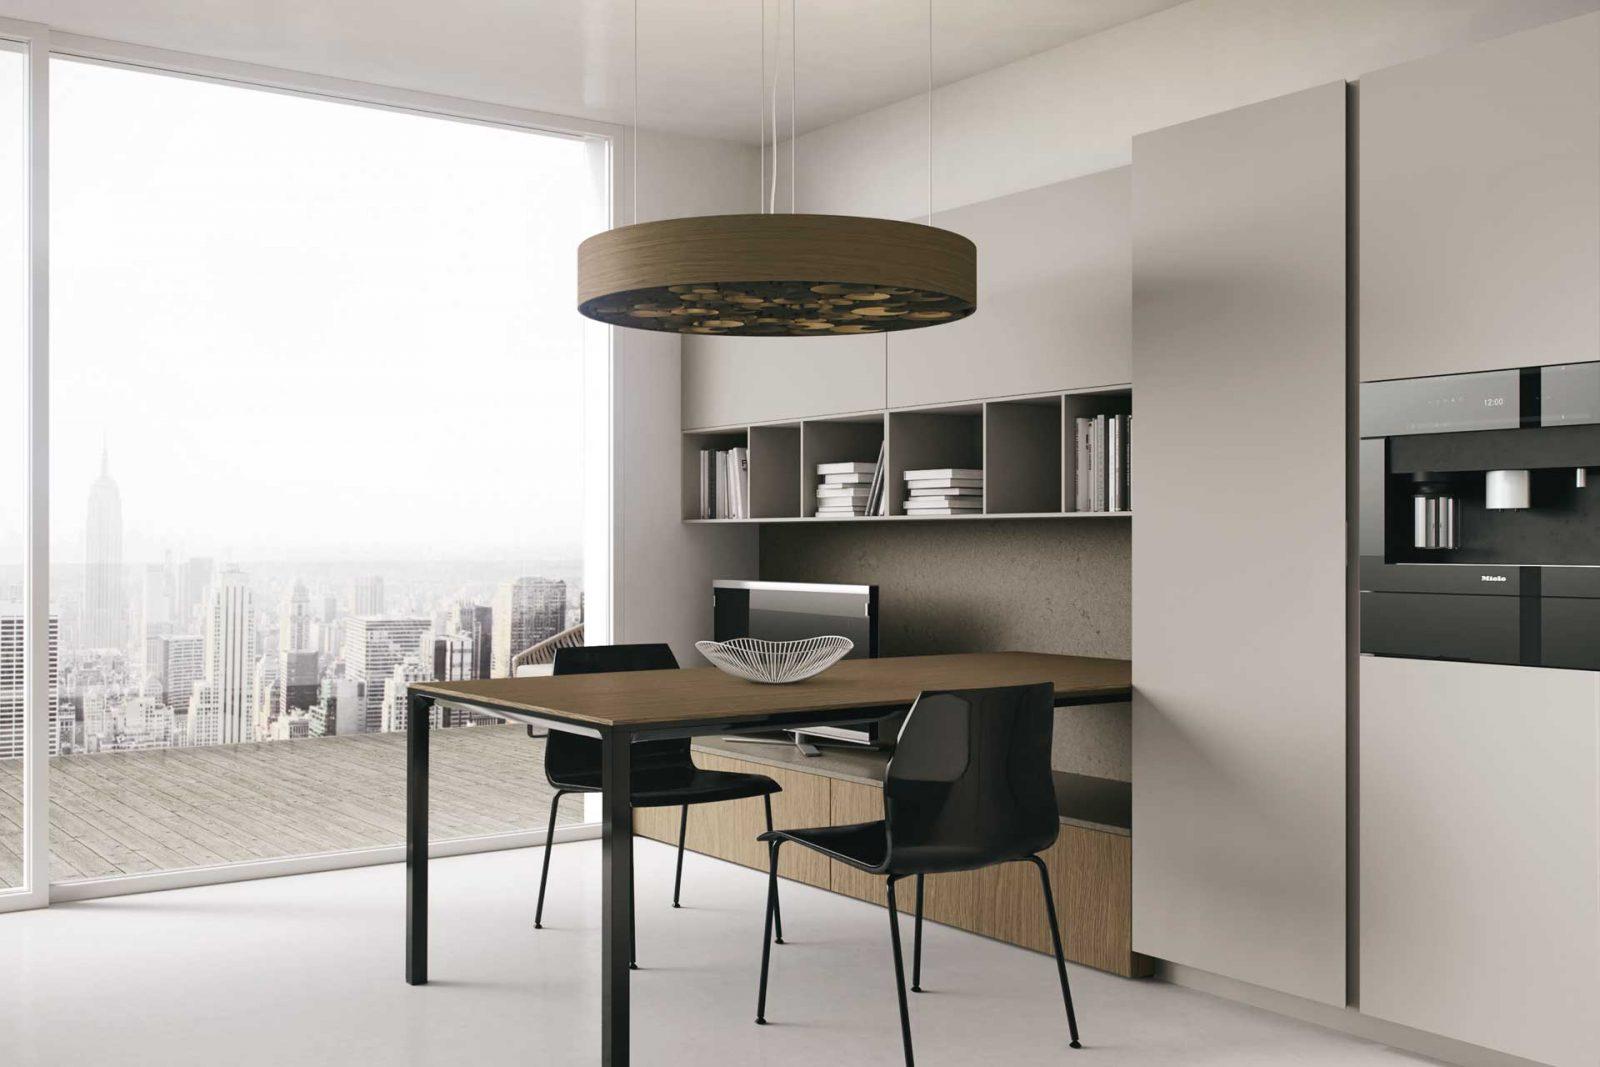 Cucine lineari legno , cucina legno, cucina design, Radaelli ...